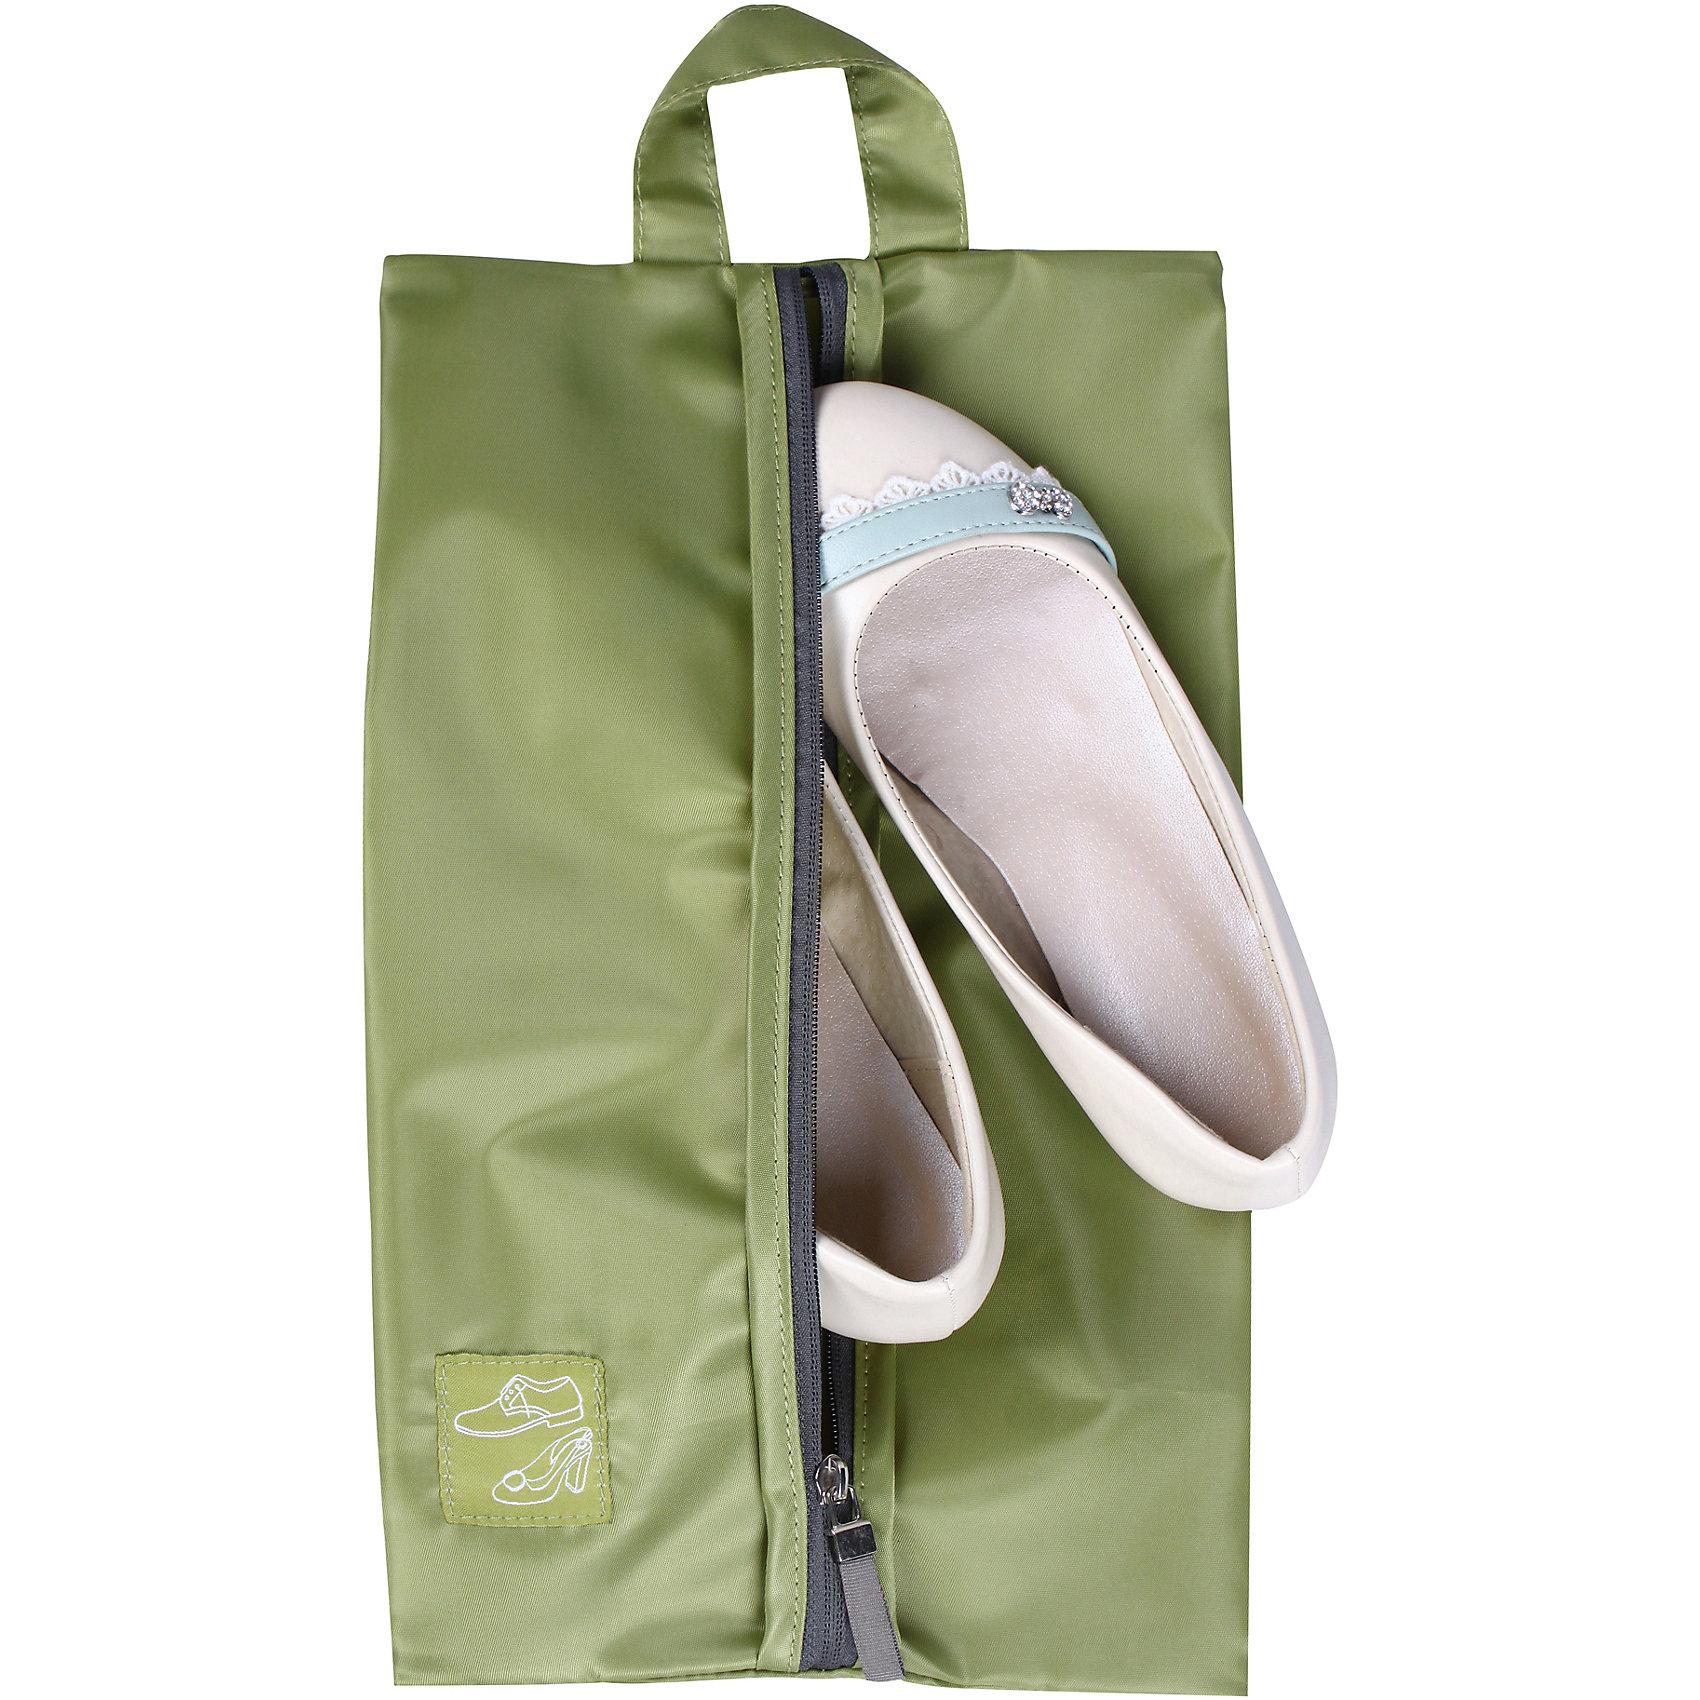 Чехол для обуви дорожный (1пара), SO305, 21*36*5CM, Рыжий КотМатериал изготовления: полиэстер (водонепроницаемый, 230T) <br>Размеры: 21*36*5 см<br><br>- Чехол снабжен удобной застежкой-молнией.  <br>- Чехол защитит остальные вещи в багаже от пыли и загрязнений<br>- Поможет упорядочить содержимое багажа. <br>- Чехол легко стирается и не требует особого ухода.<br>- Имеет удобные ручки для переноски<br><br>Ширина мм: 272<br>Глубина мм: 203<br>Высота мм: 18<br>Вес г: 56<br>Возраст от месяцев: 36<br>Возраст до месяцев: 1080<br>Пол: Унисекс<br>Возраст: Детский<br>SKU: 4288582